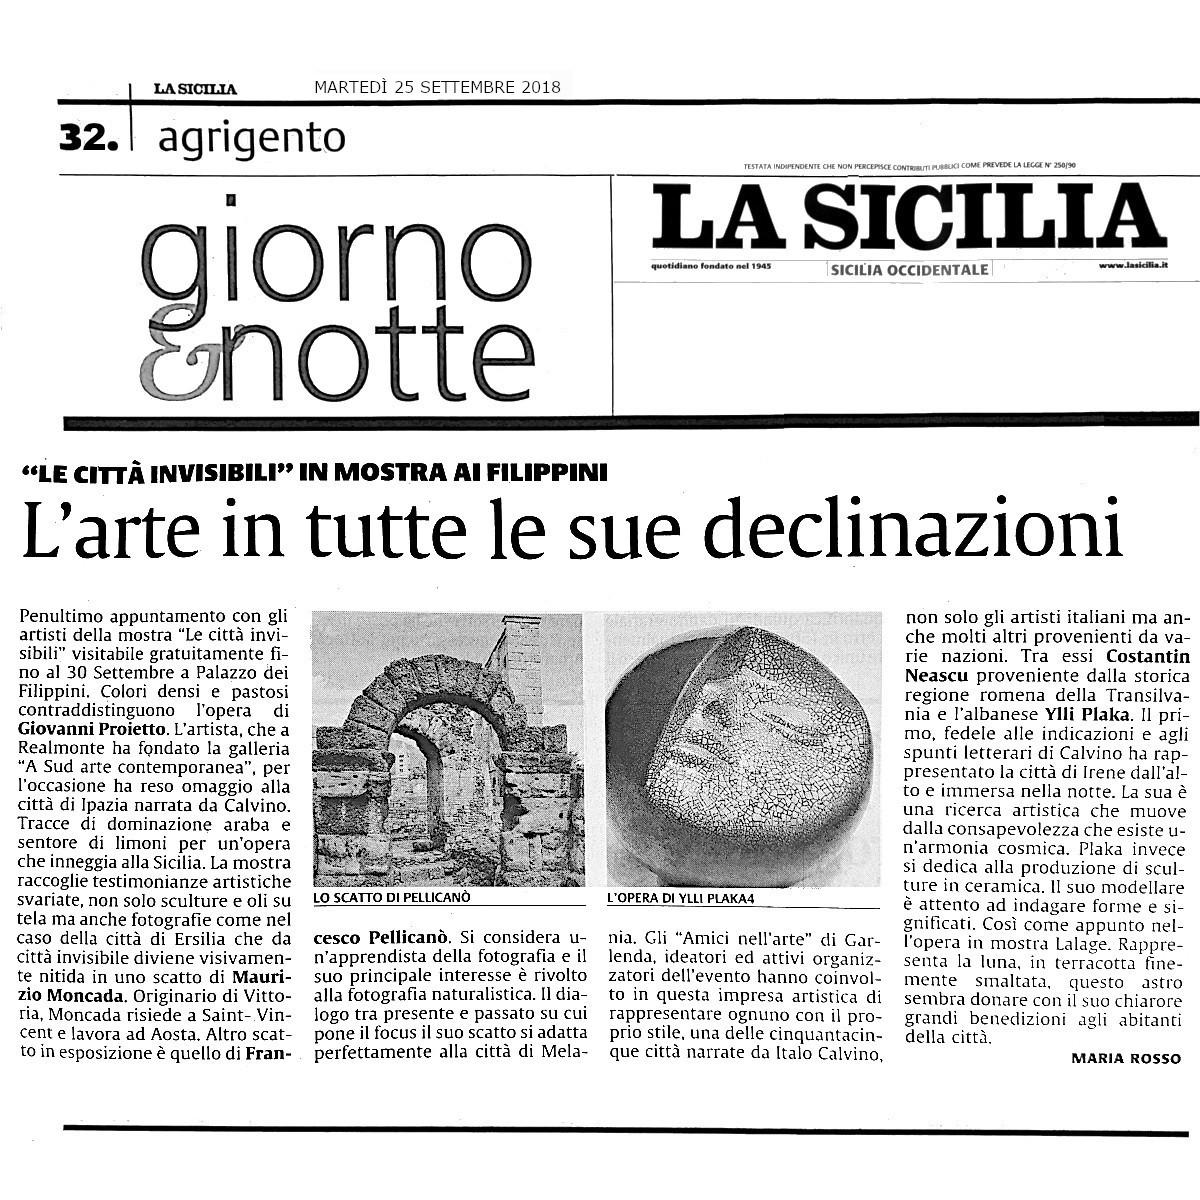 La Sicilia AG25 settembre 2018